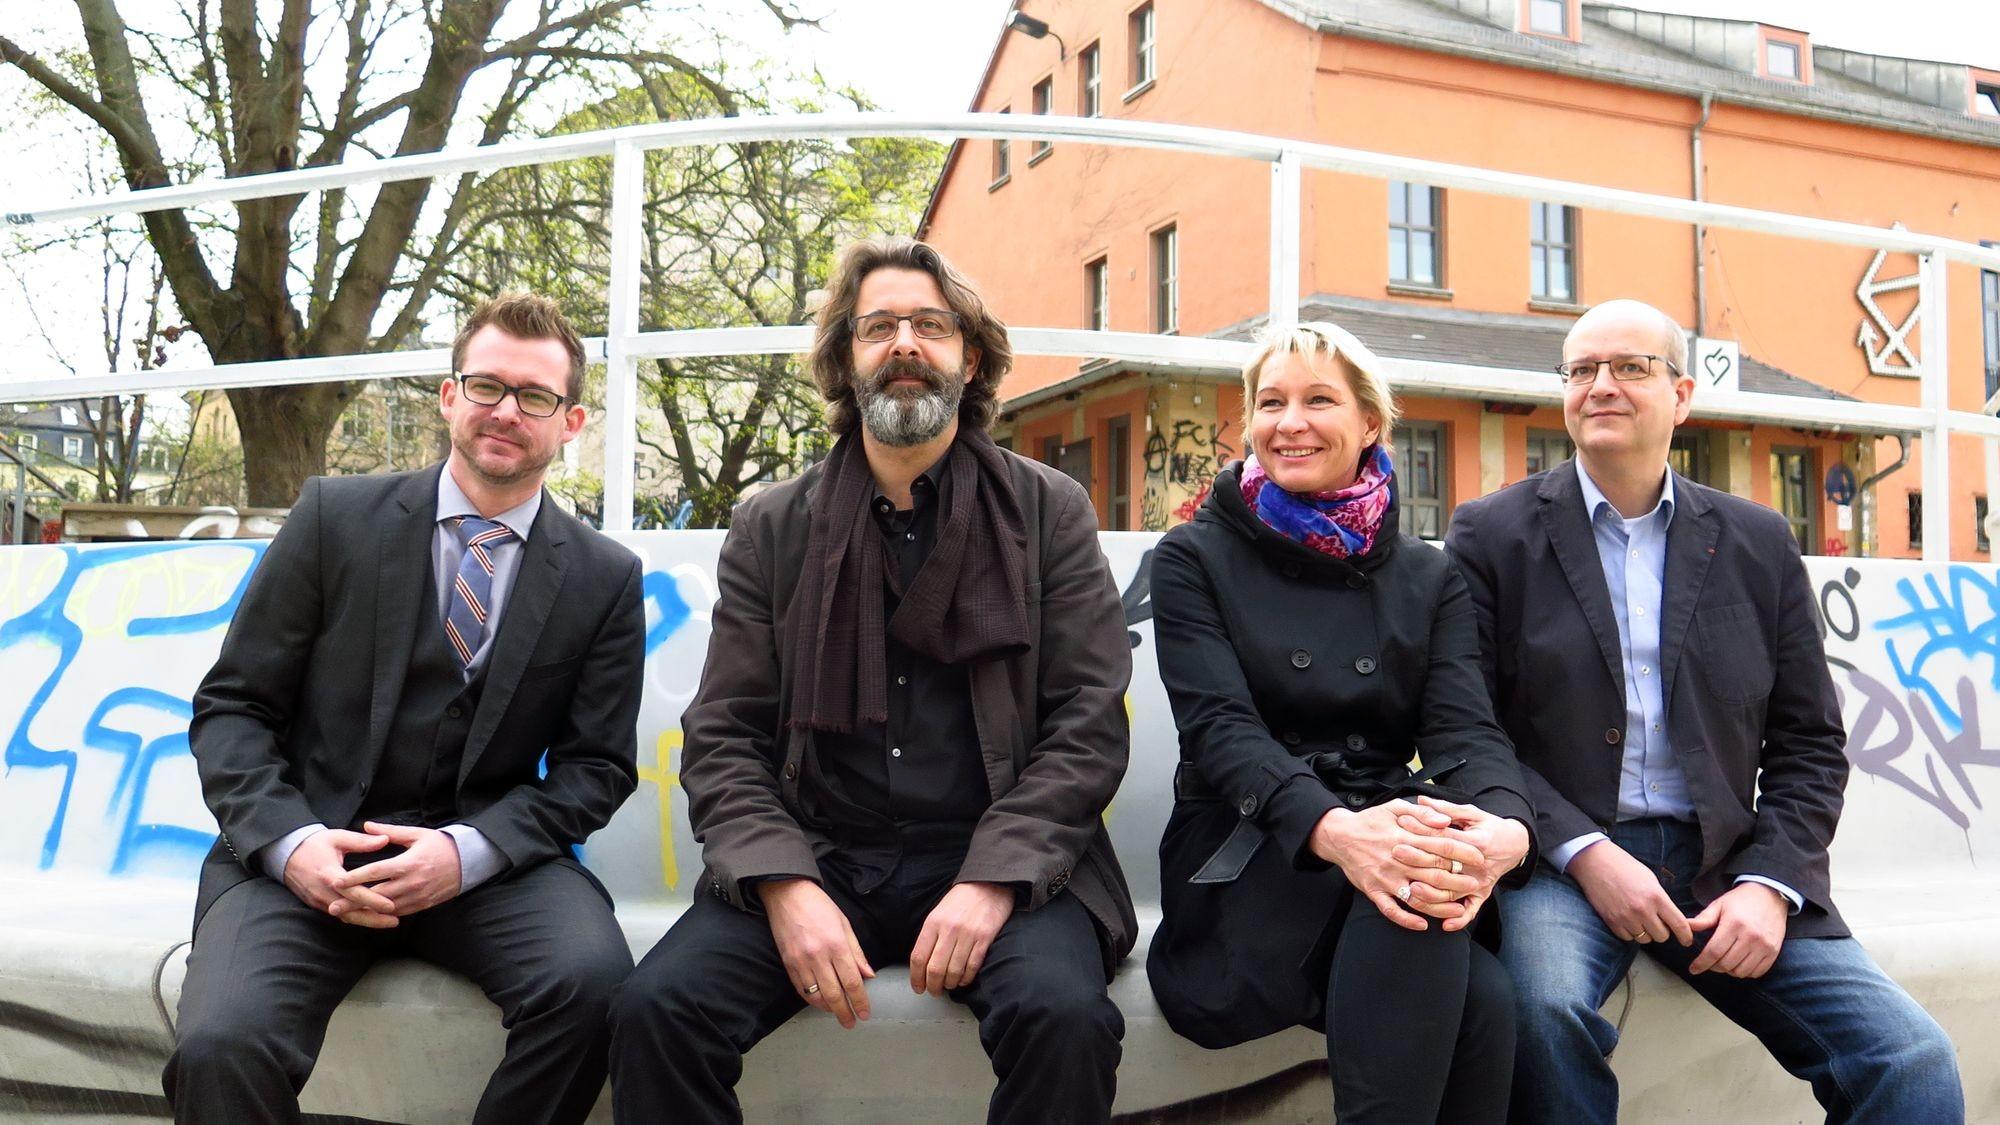 Baubürgermeister Raoul Schmidt-Lamontain, Architekt Jens Rossa, Projektleiterin Undine Neubert und Stesad-Chef Axel Walther (v.l.)